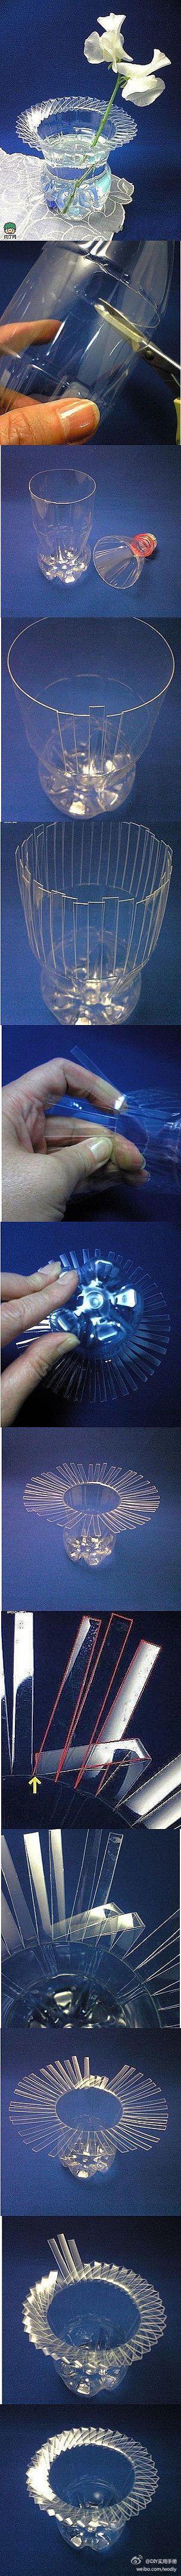 DIY Plastic Bottle Flower Vase